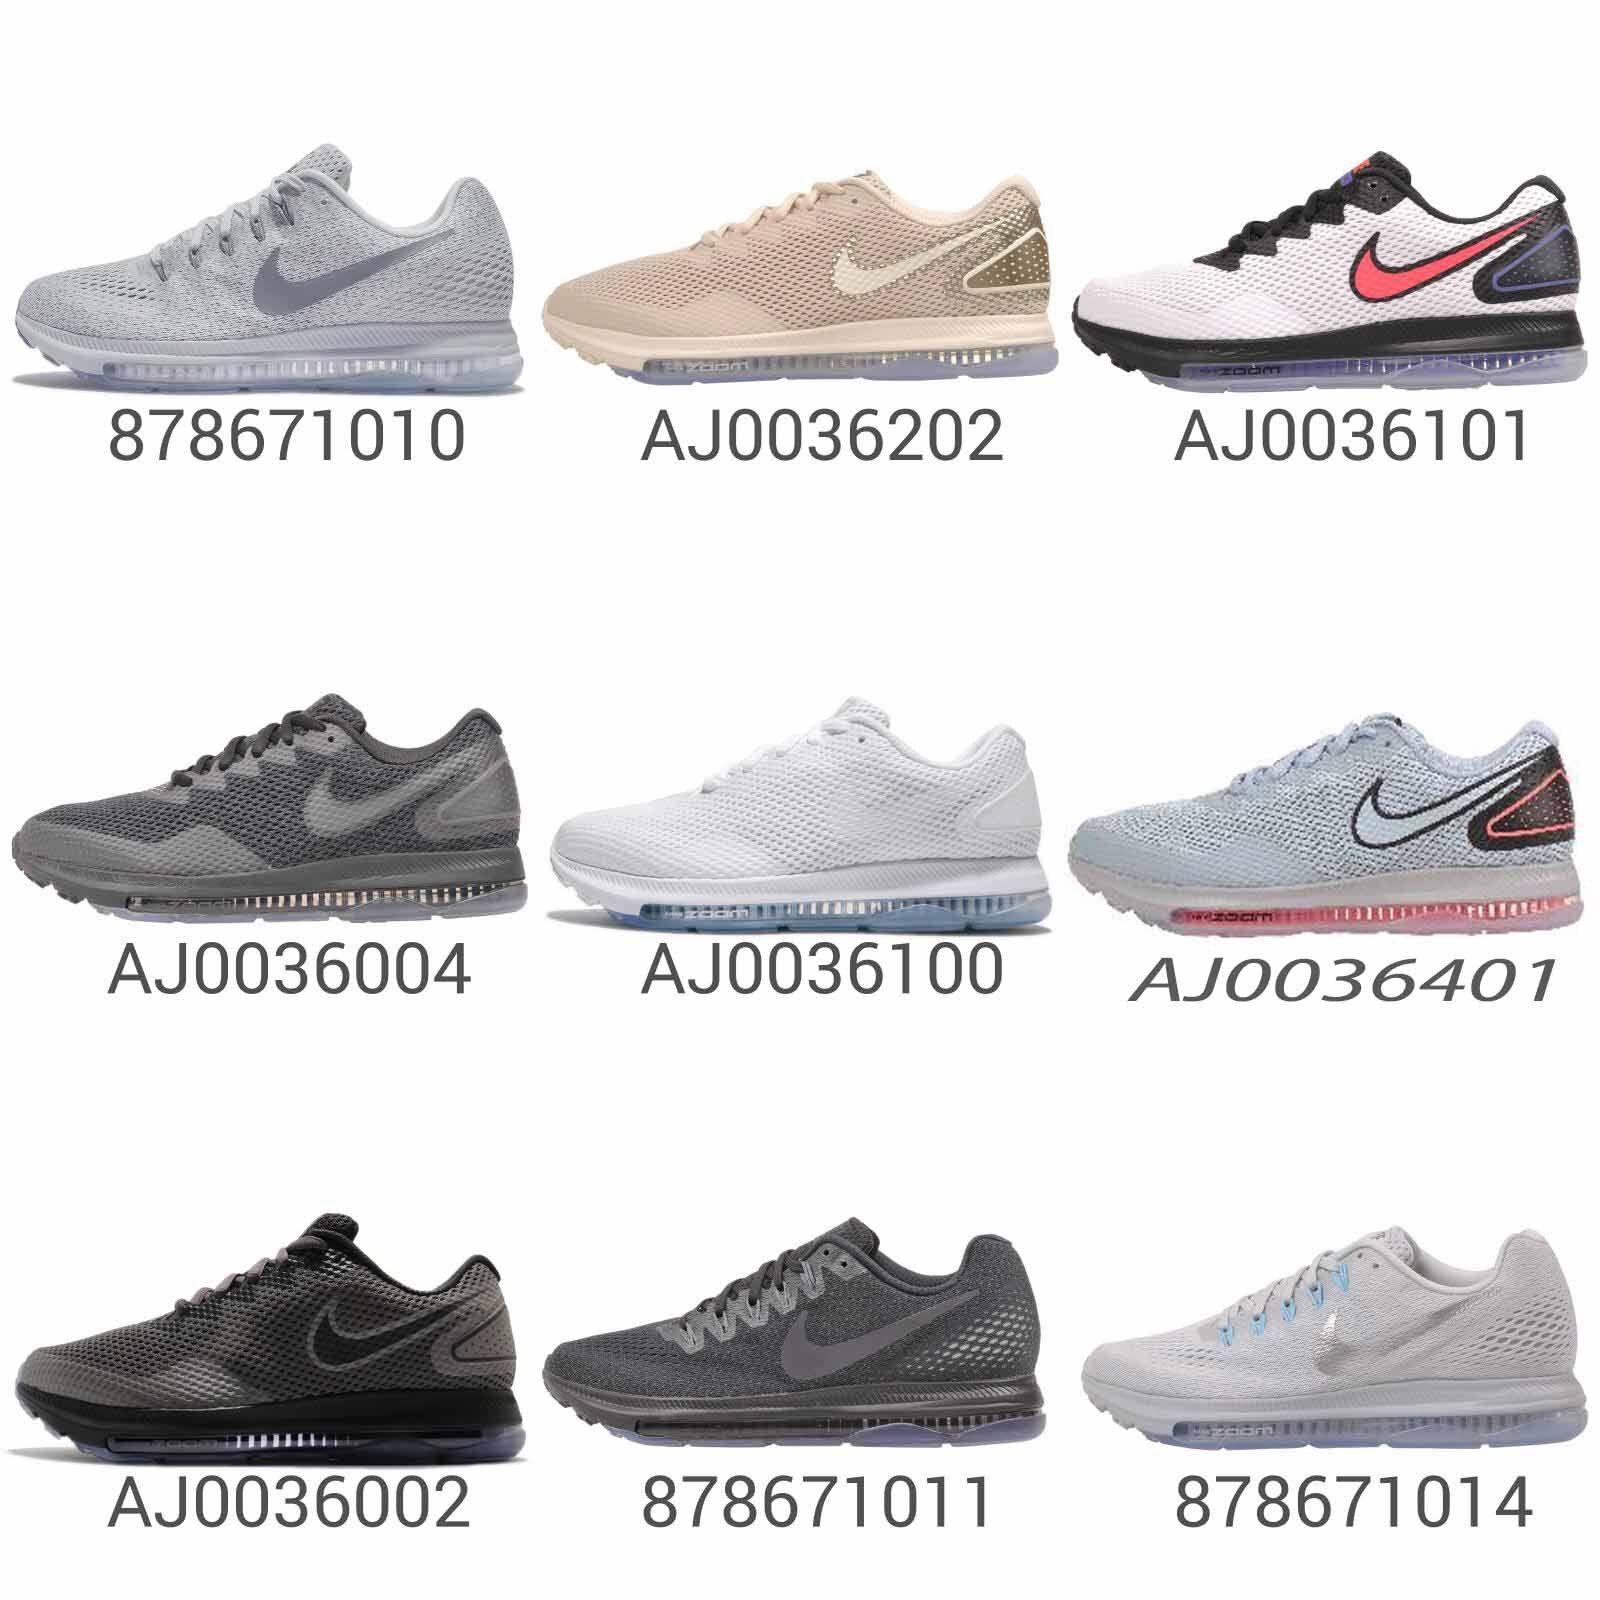 Nike wmns zoom tutti bassi ii donne air max scarpe da corsa - 1 | Raccomandazione popolare  | Uomo/Donna Scarpa